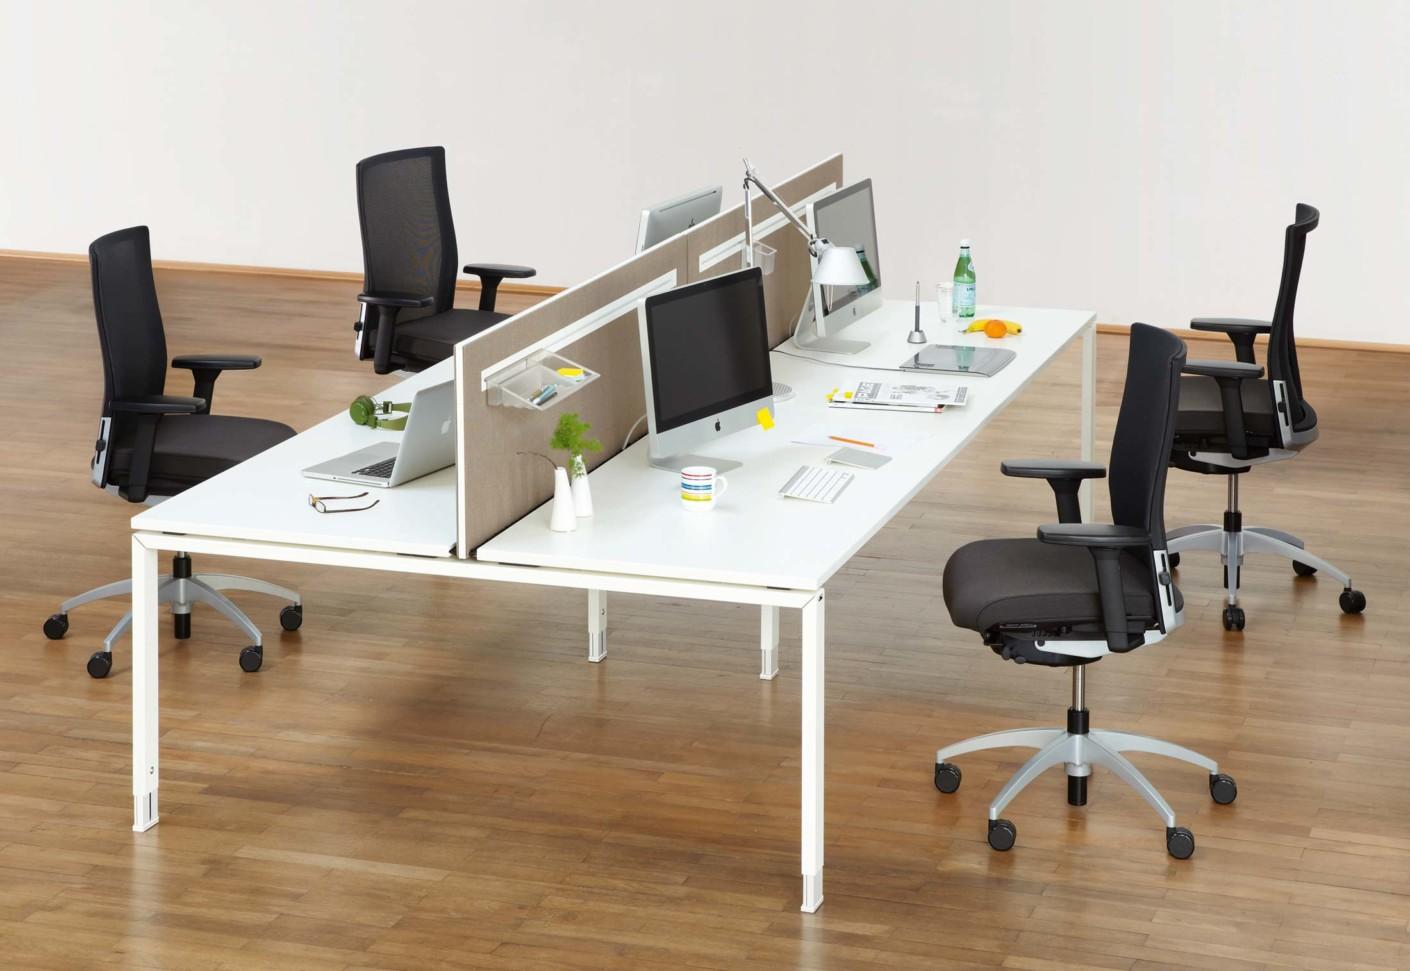 Офисные столы от лучших производителей мебели для офиса.